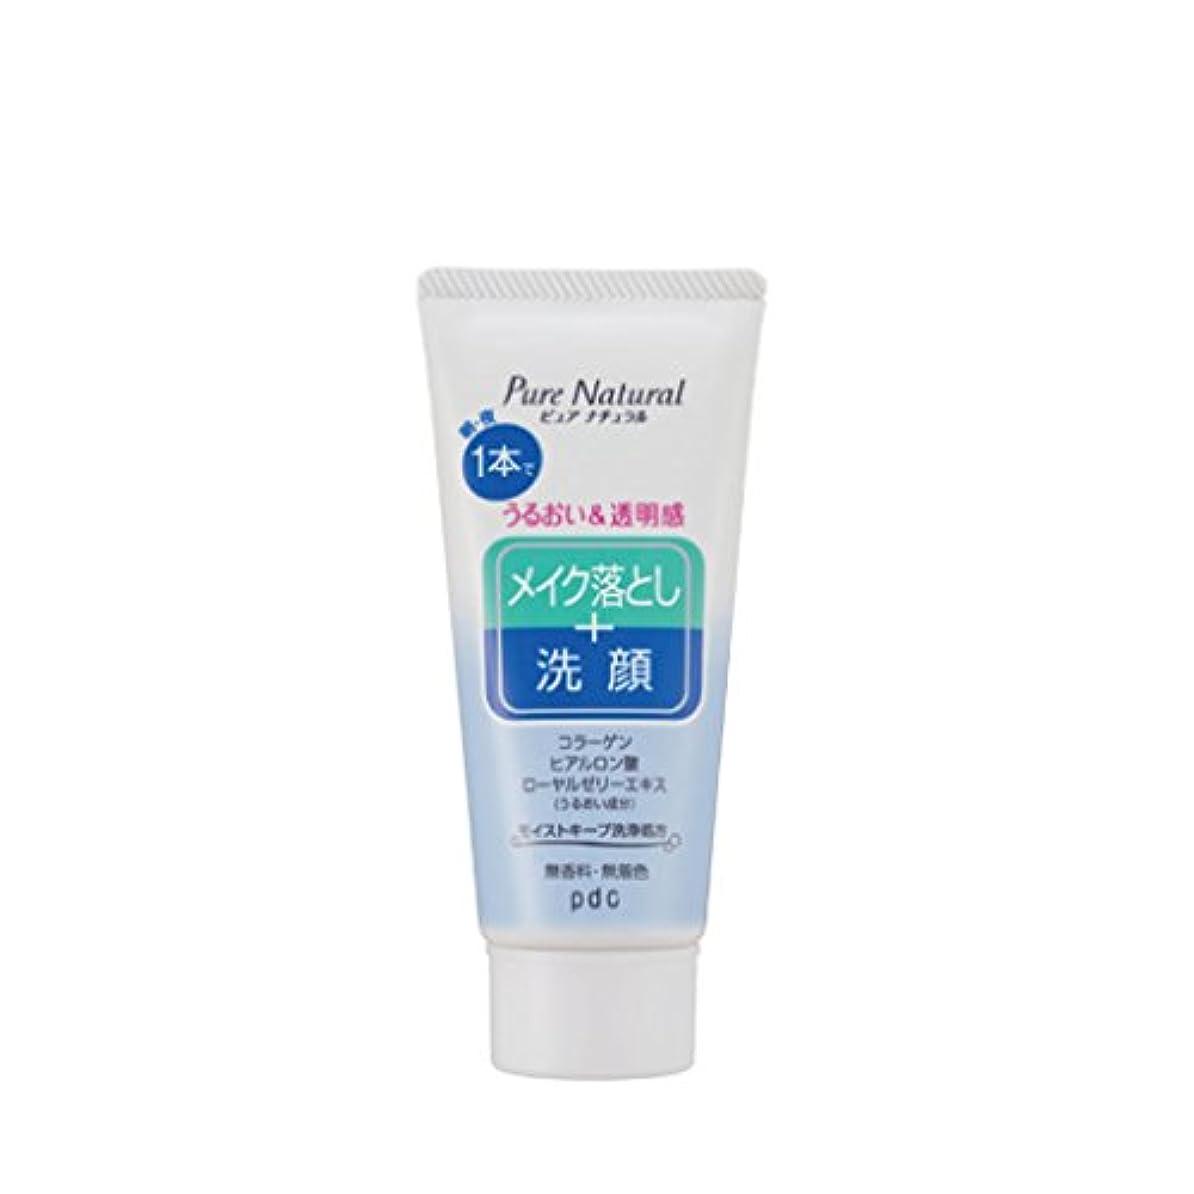 評価可能未就学ルーチンPure NATURAL(ピュアナチュラル) クレンジング洗顔 (ミニサイズ) 70g